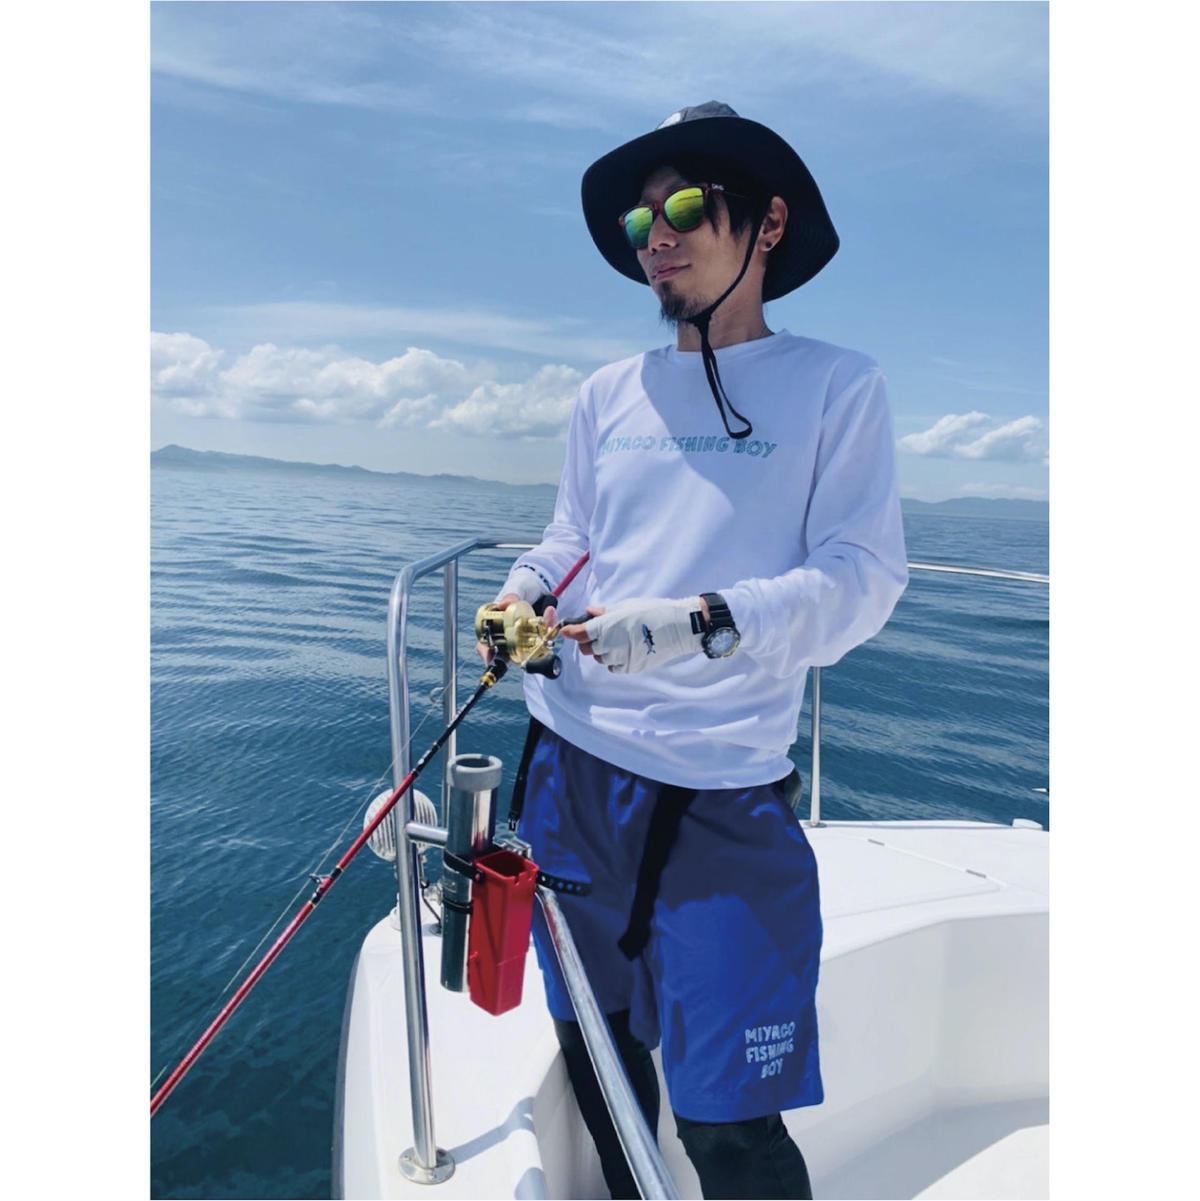 画像1: 【釣りウェア】初心者必見! ジャケット下におすすめ釣り用のインナーウェアをご紹介!